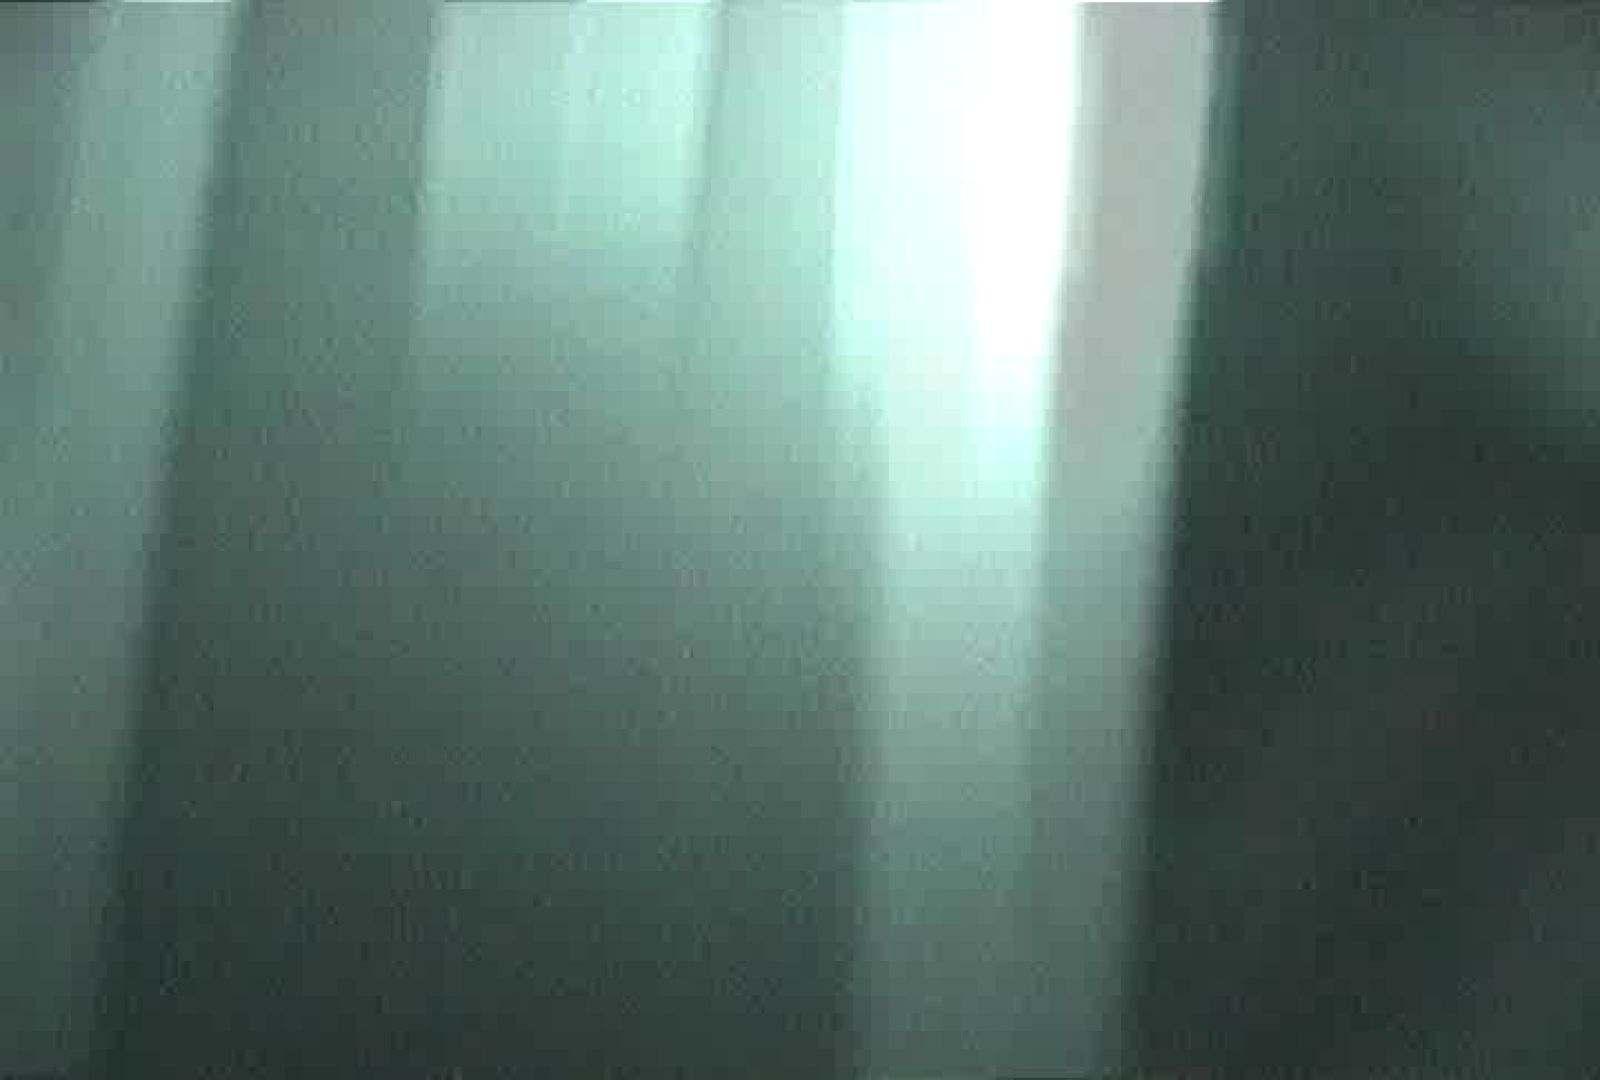 充血監督の深夜の運動会Vol.74 熟女丸裸 | 現役ギャル  96pic 79